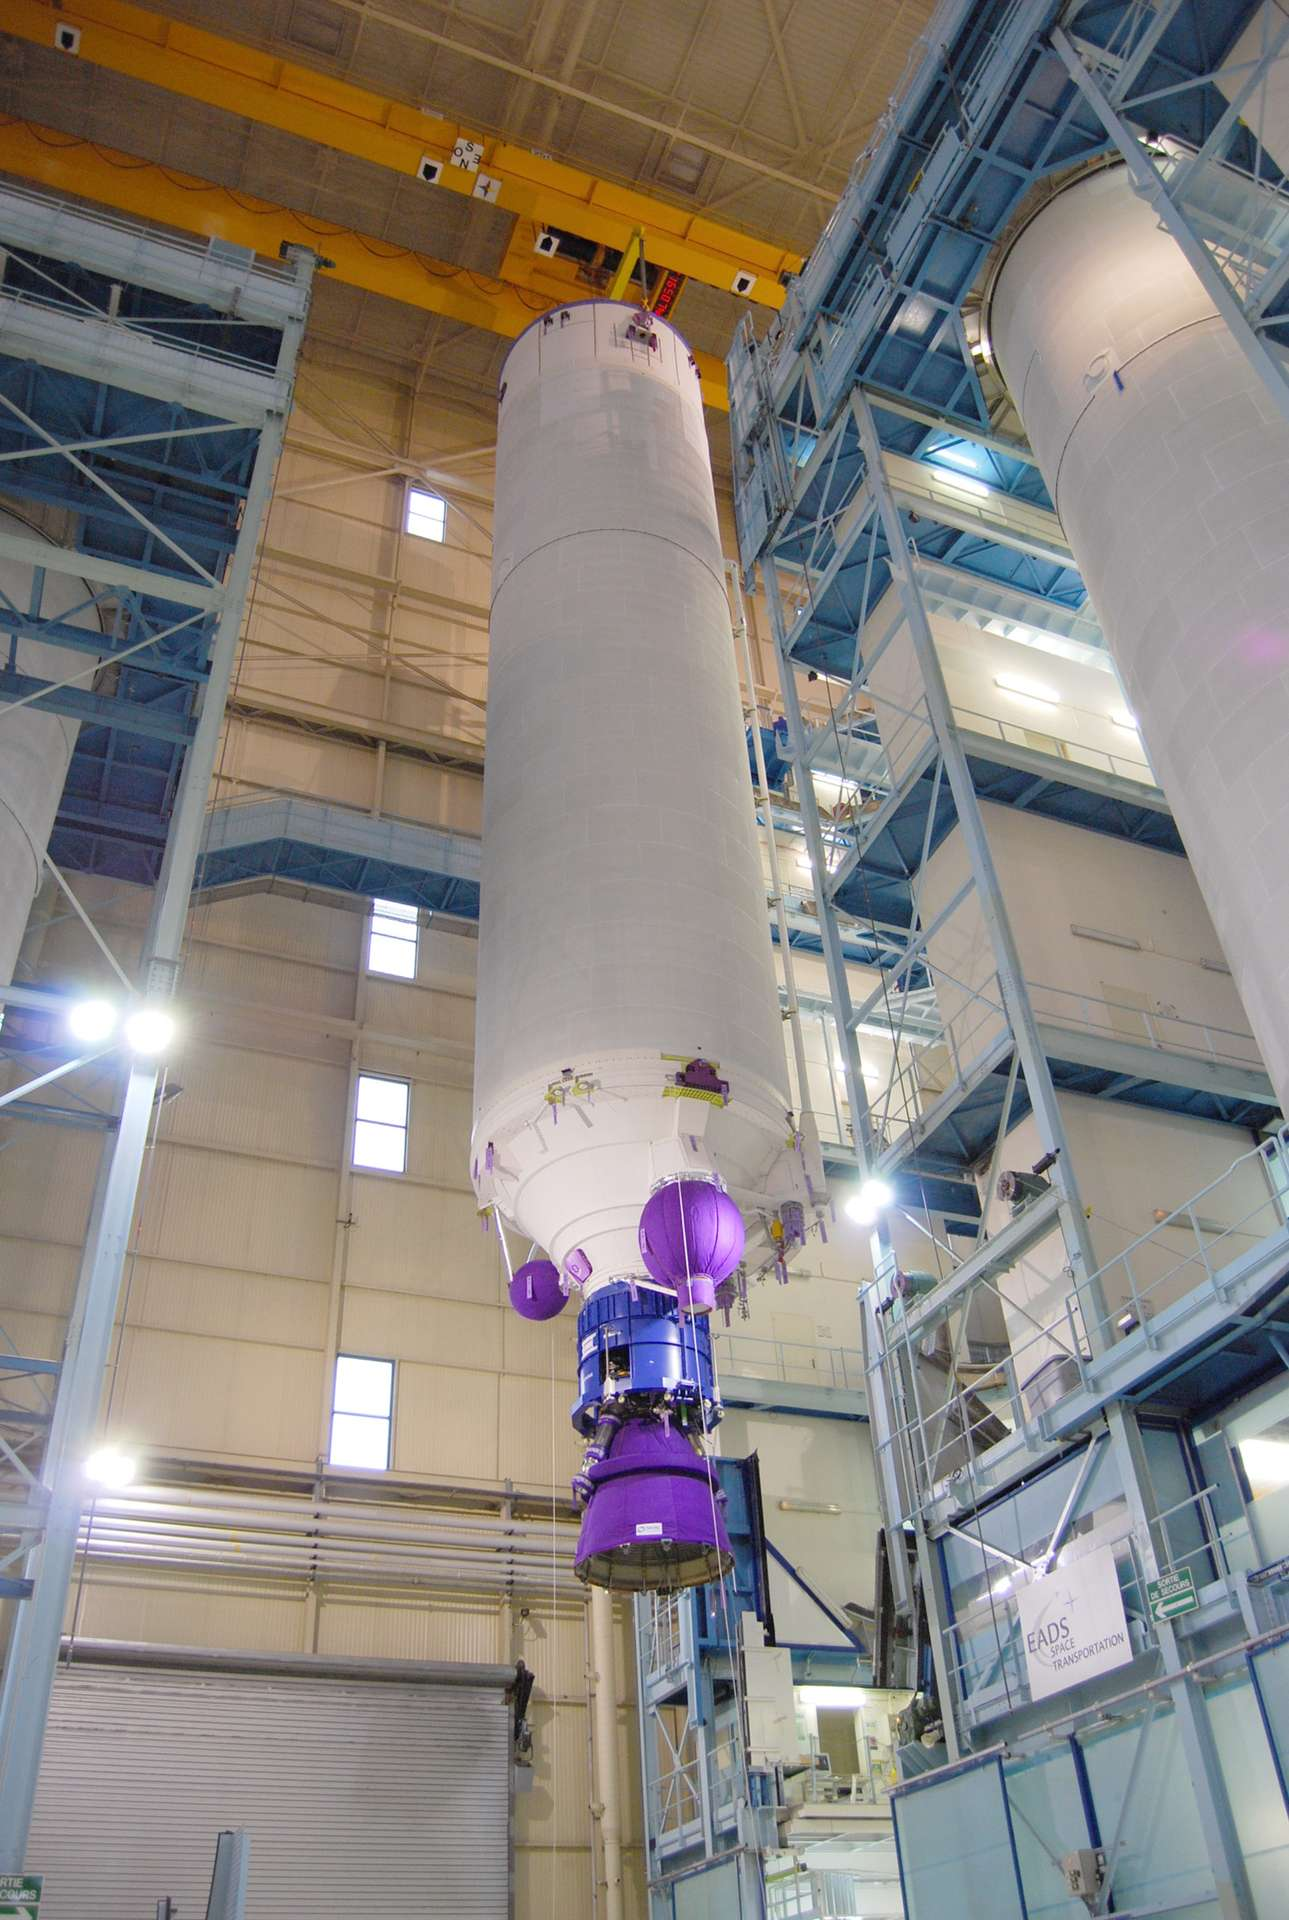 Un EPC dans l'usine de les Mureaux d'Astrium d'où sont fabriqués ces étages pour Ariane 5. © Rémy Decourt